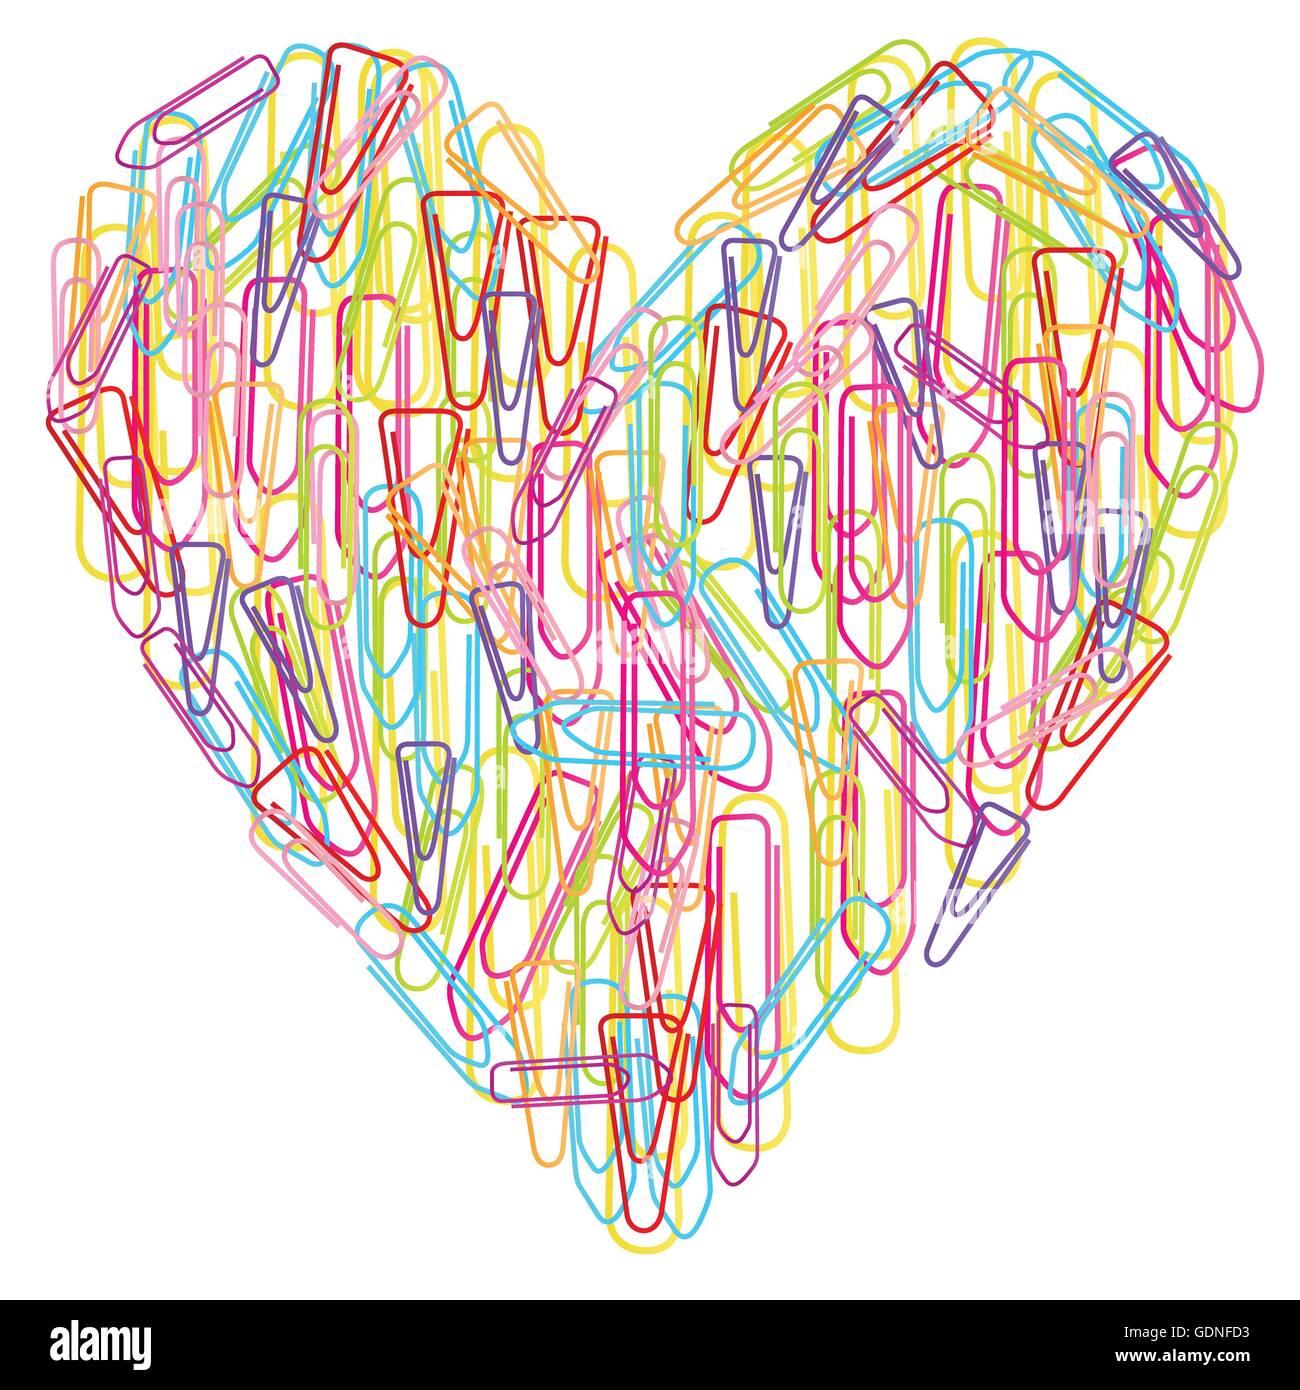 Carta colorata clip cuore vettore astratto isolato su sfondo bianco Illustrazione Vettoriale